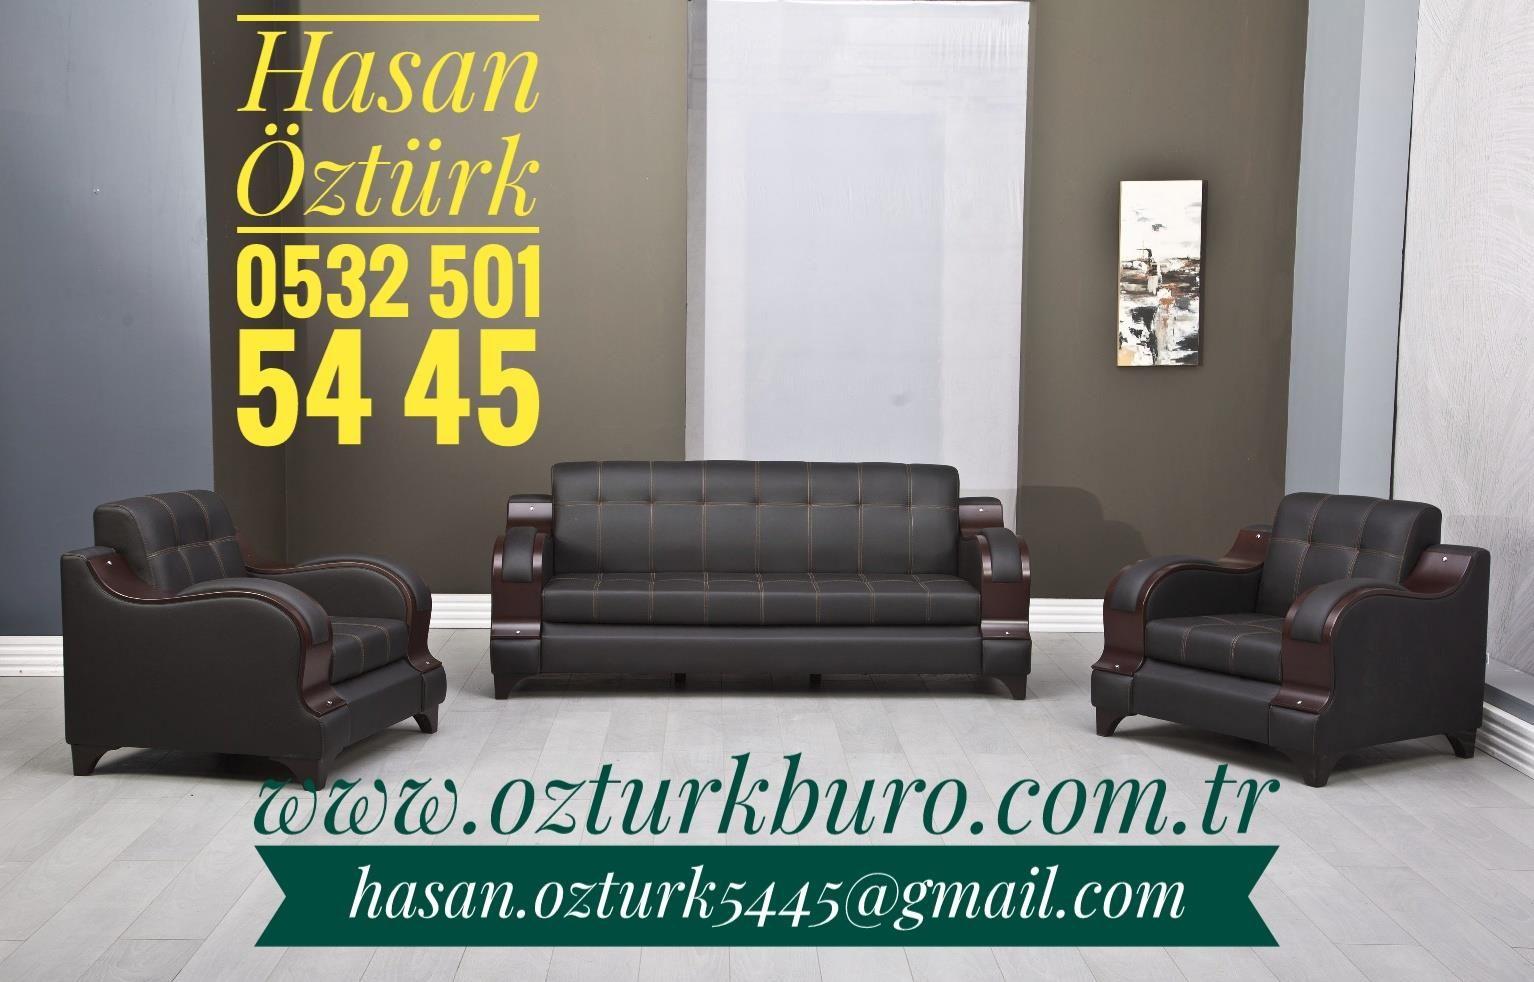 Ozturk Buro Mobilyalari Ankara Buro Mobilyasi Ankara Ofis Mobilyalari Ofis Mobilya Firmalari Mobilya Ofisler Ankara